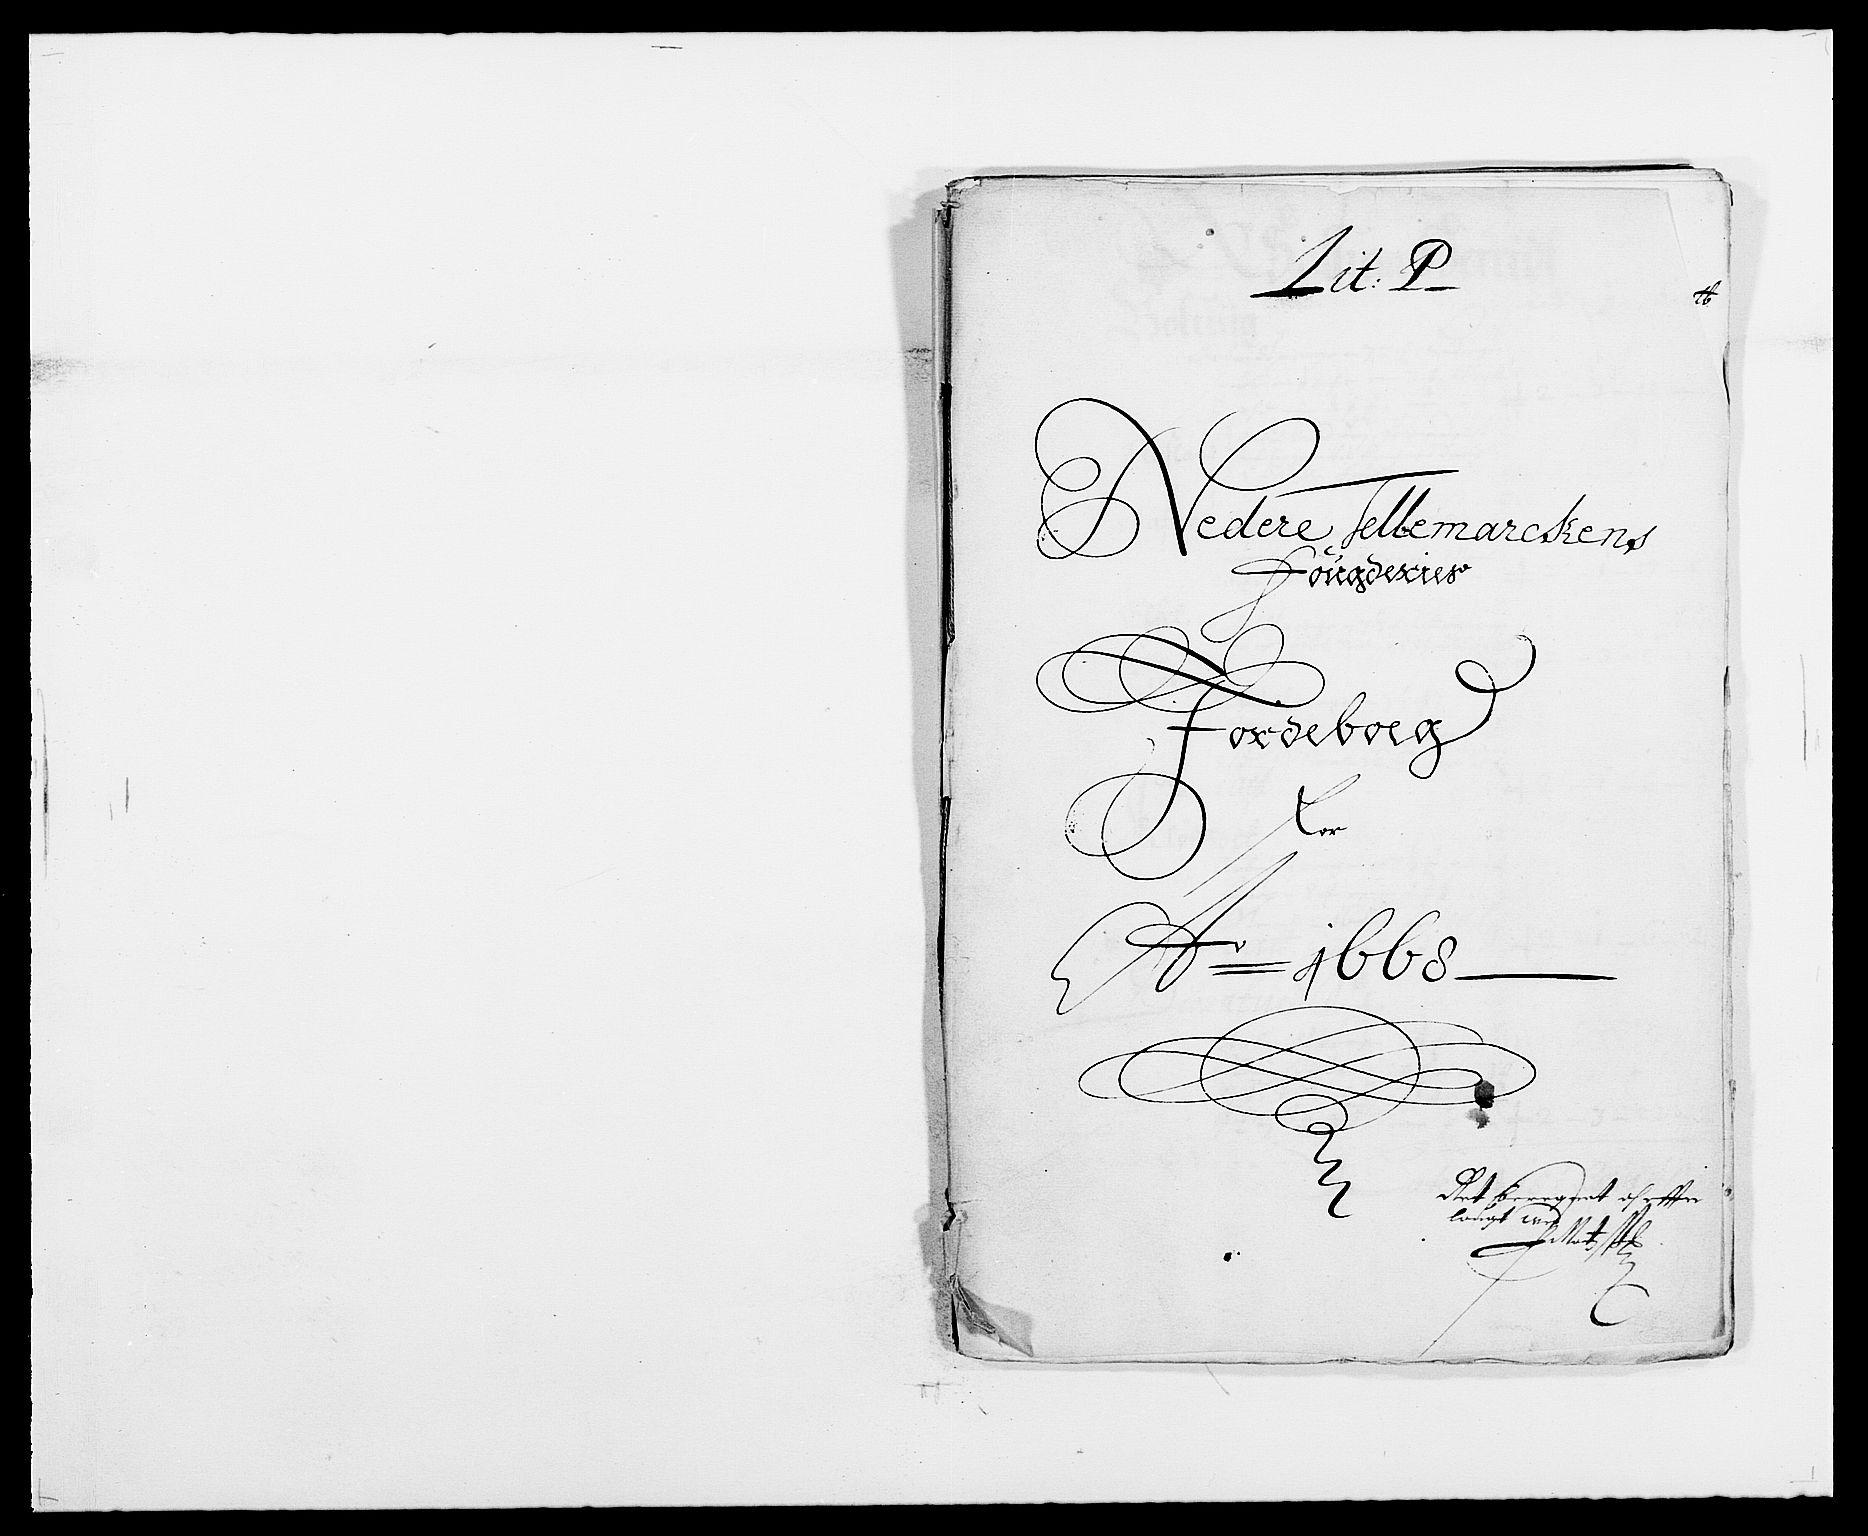 RA, Rentekammeret inntil 1814, Reviderte regnskaper, Fogderegnskap, R35/L2058: Fogderegnskap Øvre og Nedre Telemark, 1668-1670, s. 277